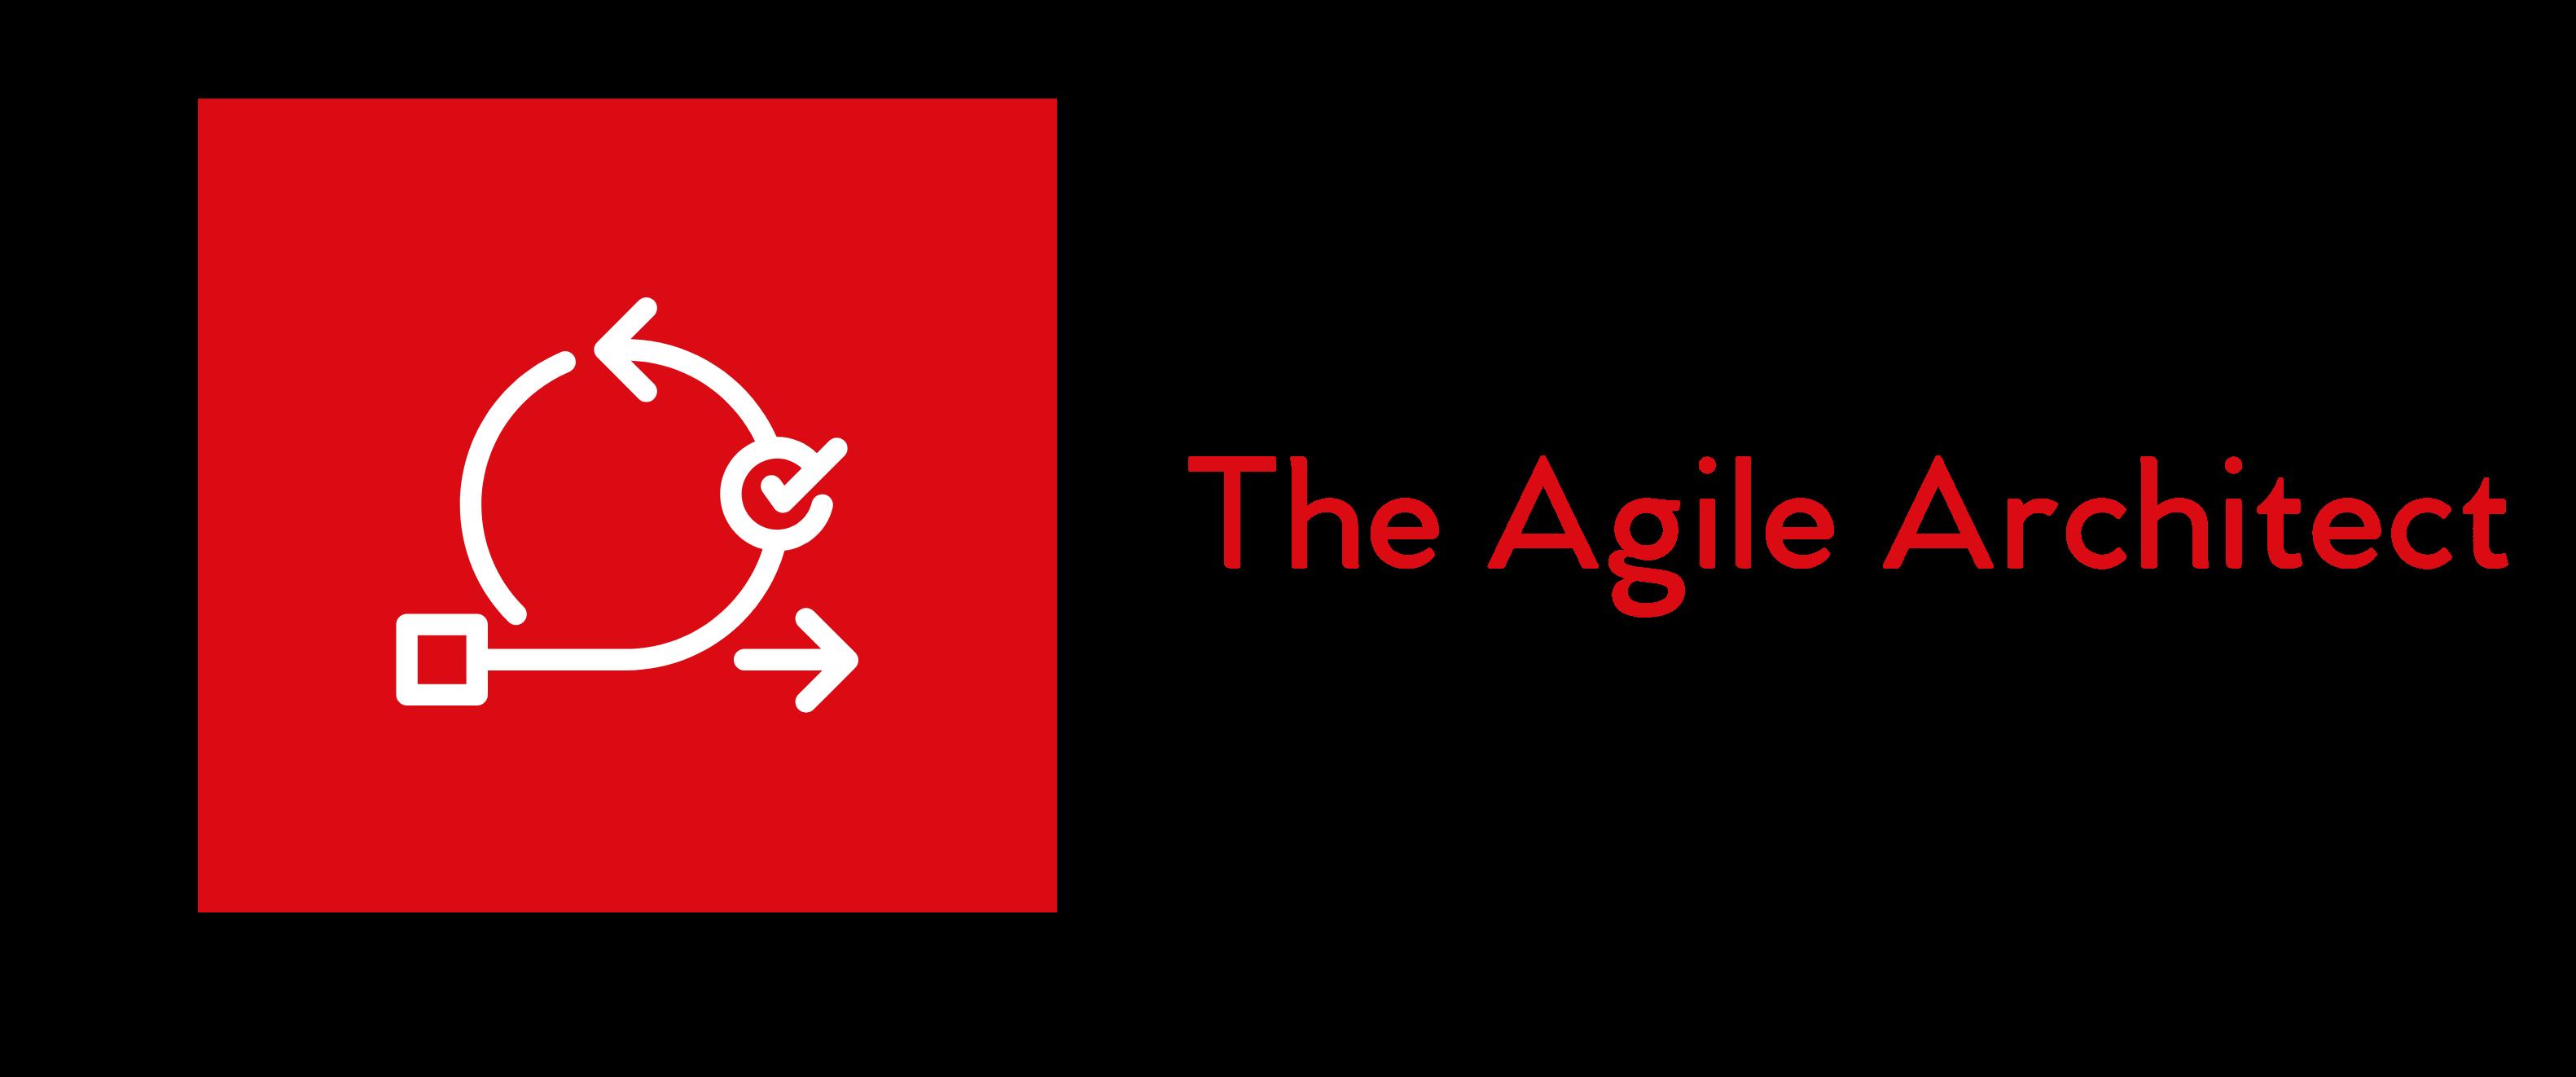 The Agile Architect